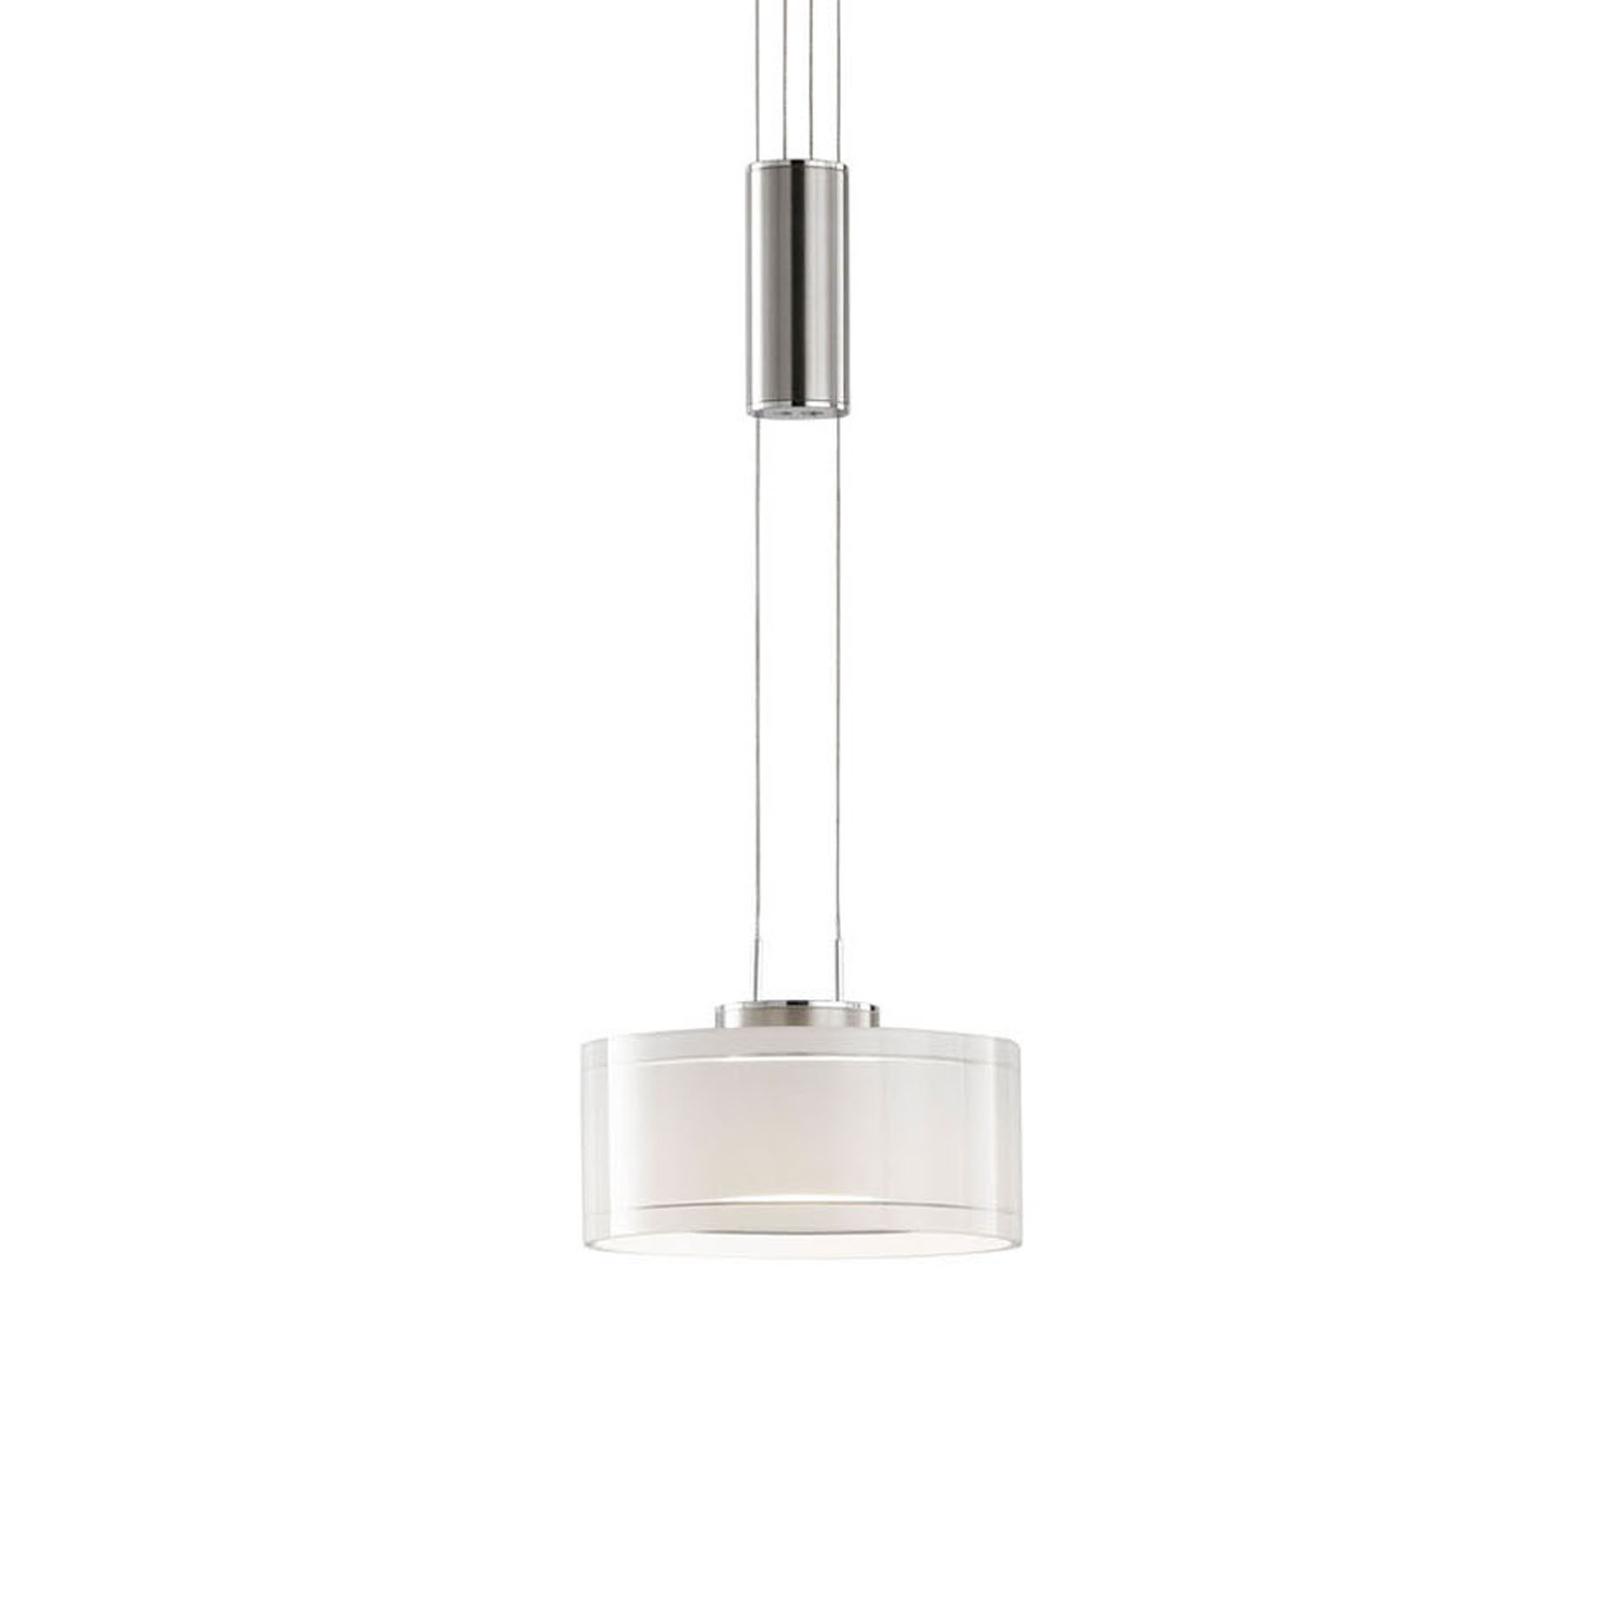 Lampa wisząca LED Lavin, 1-punktowa, nikiel/biała